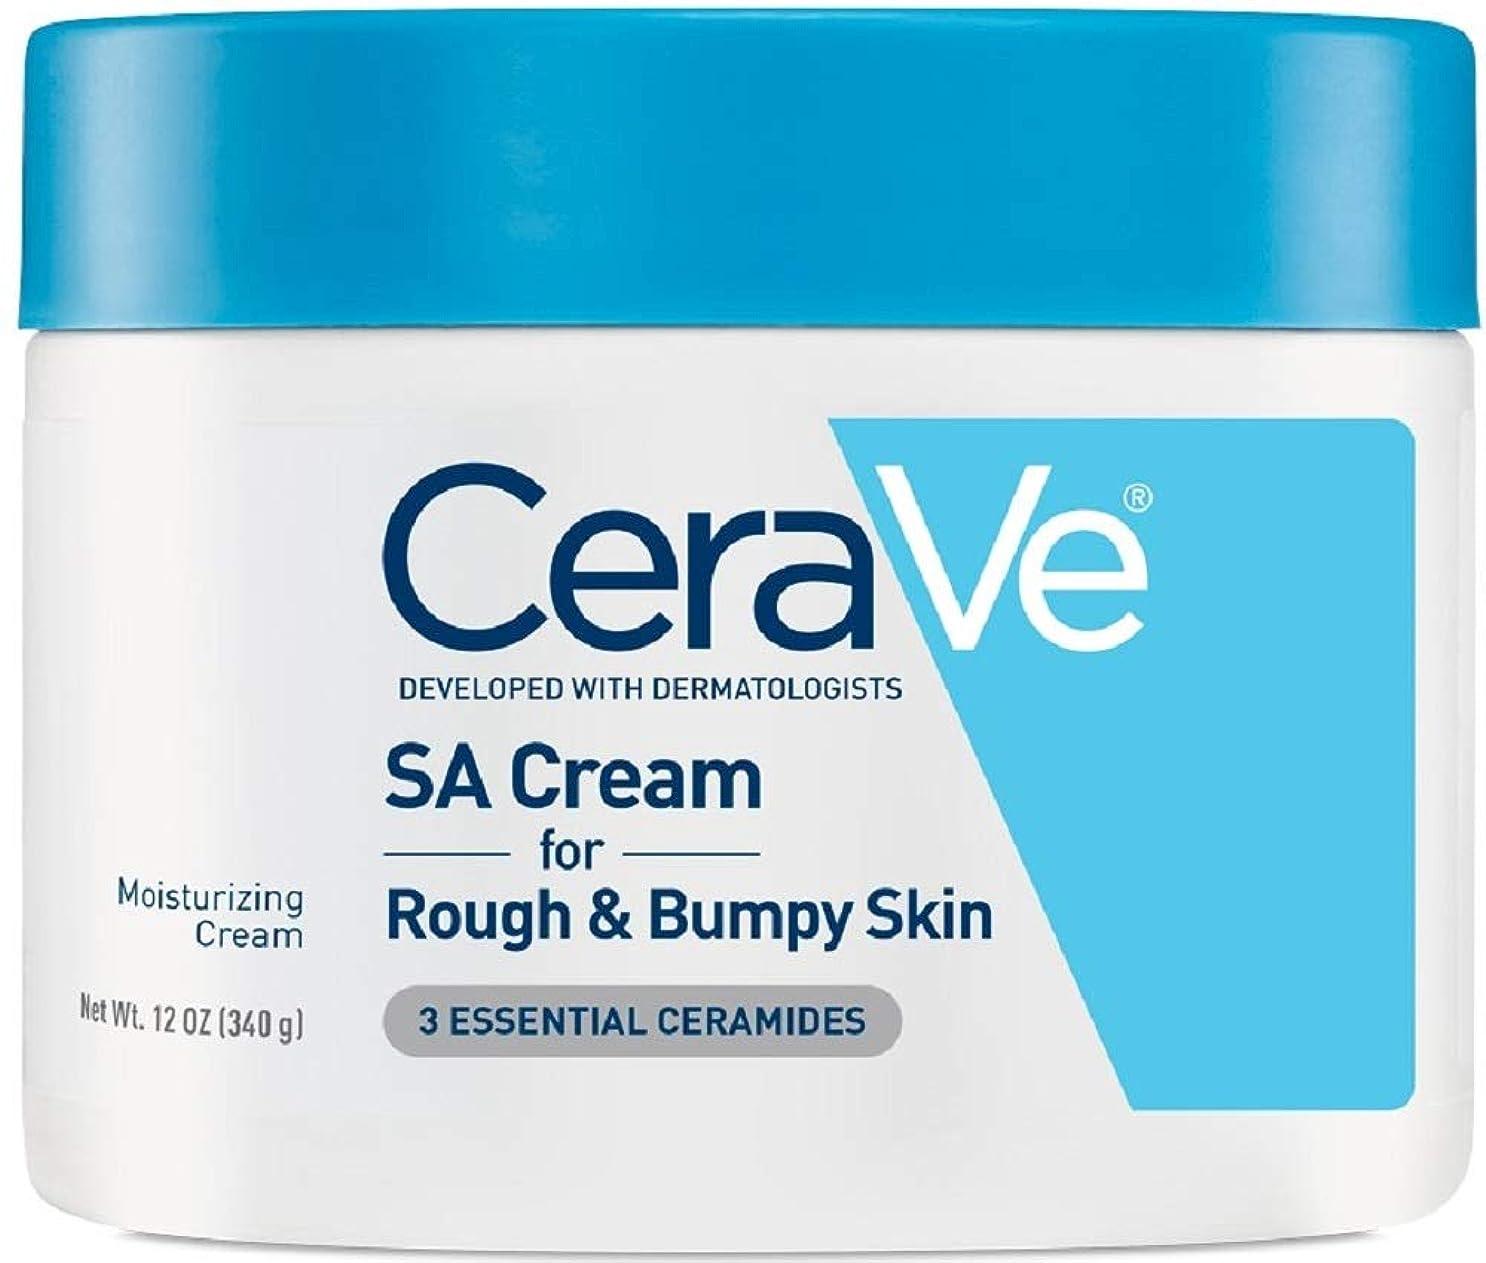 うねるこしょう忠実な海外直送品Cerave CeraVe Renewing SA Cream, 12 oz